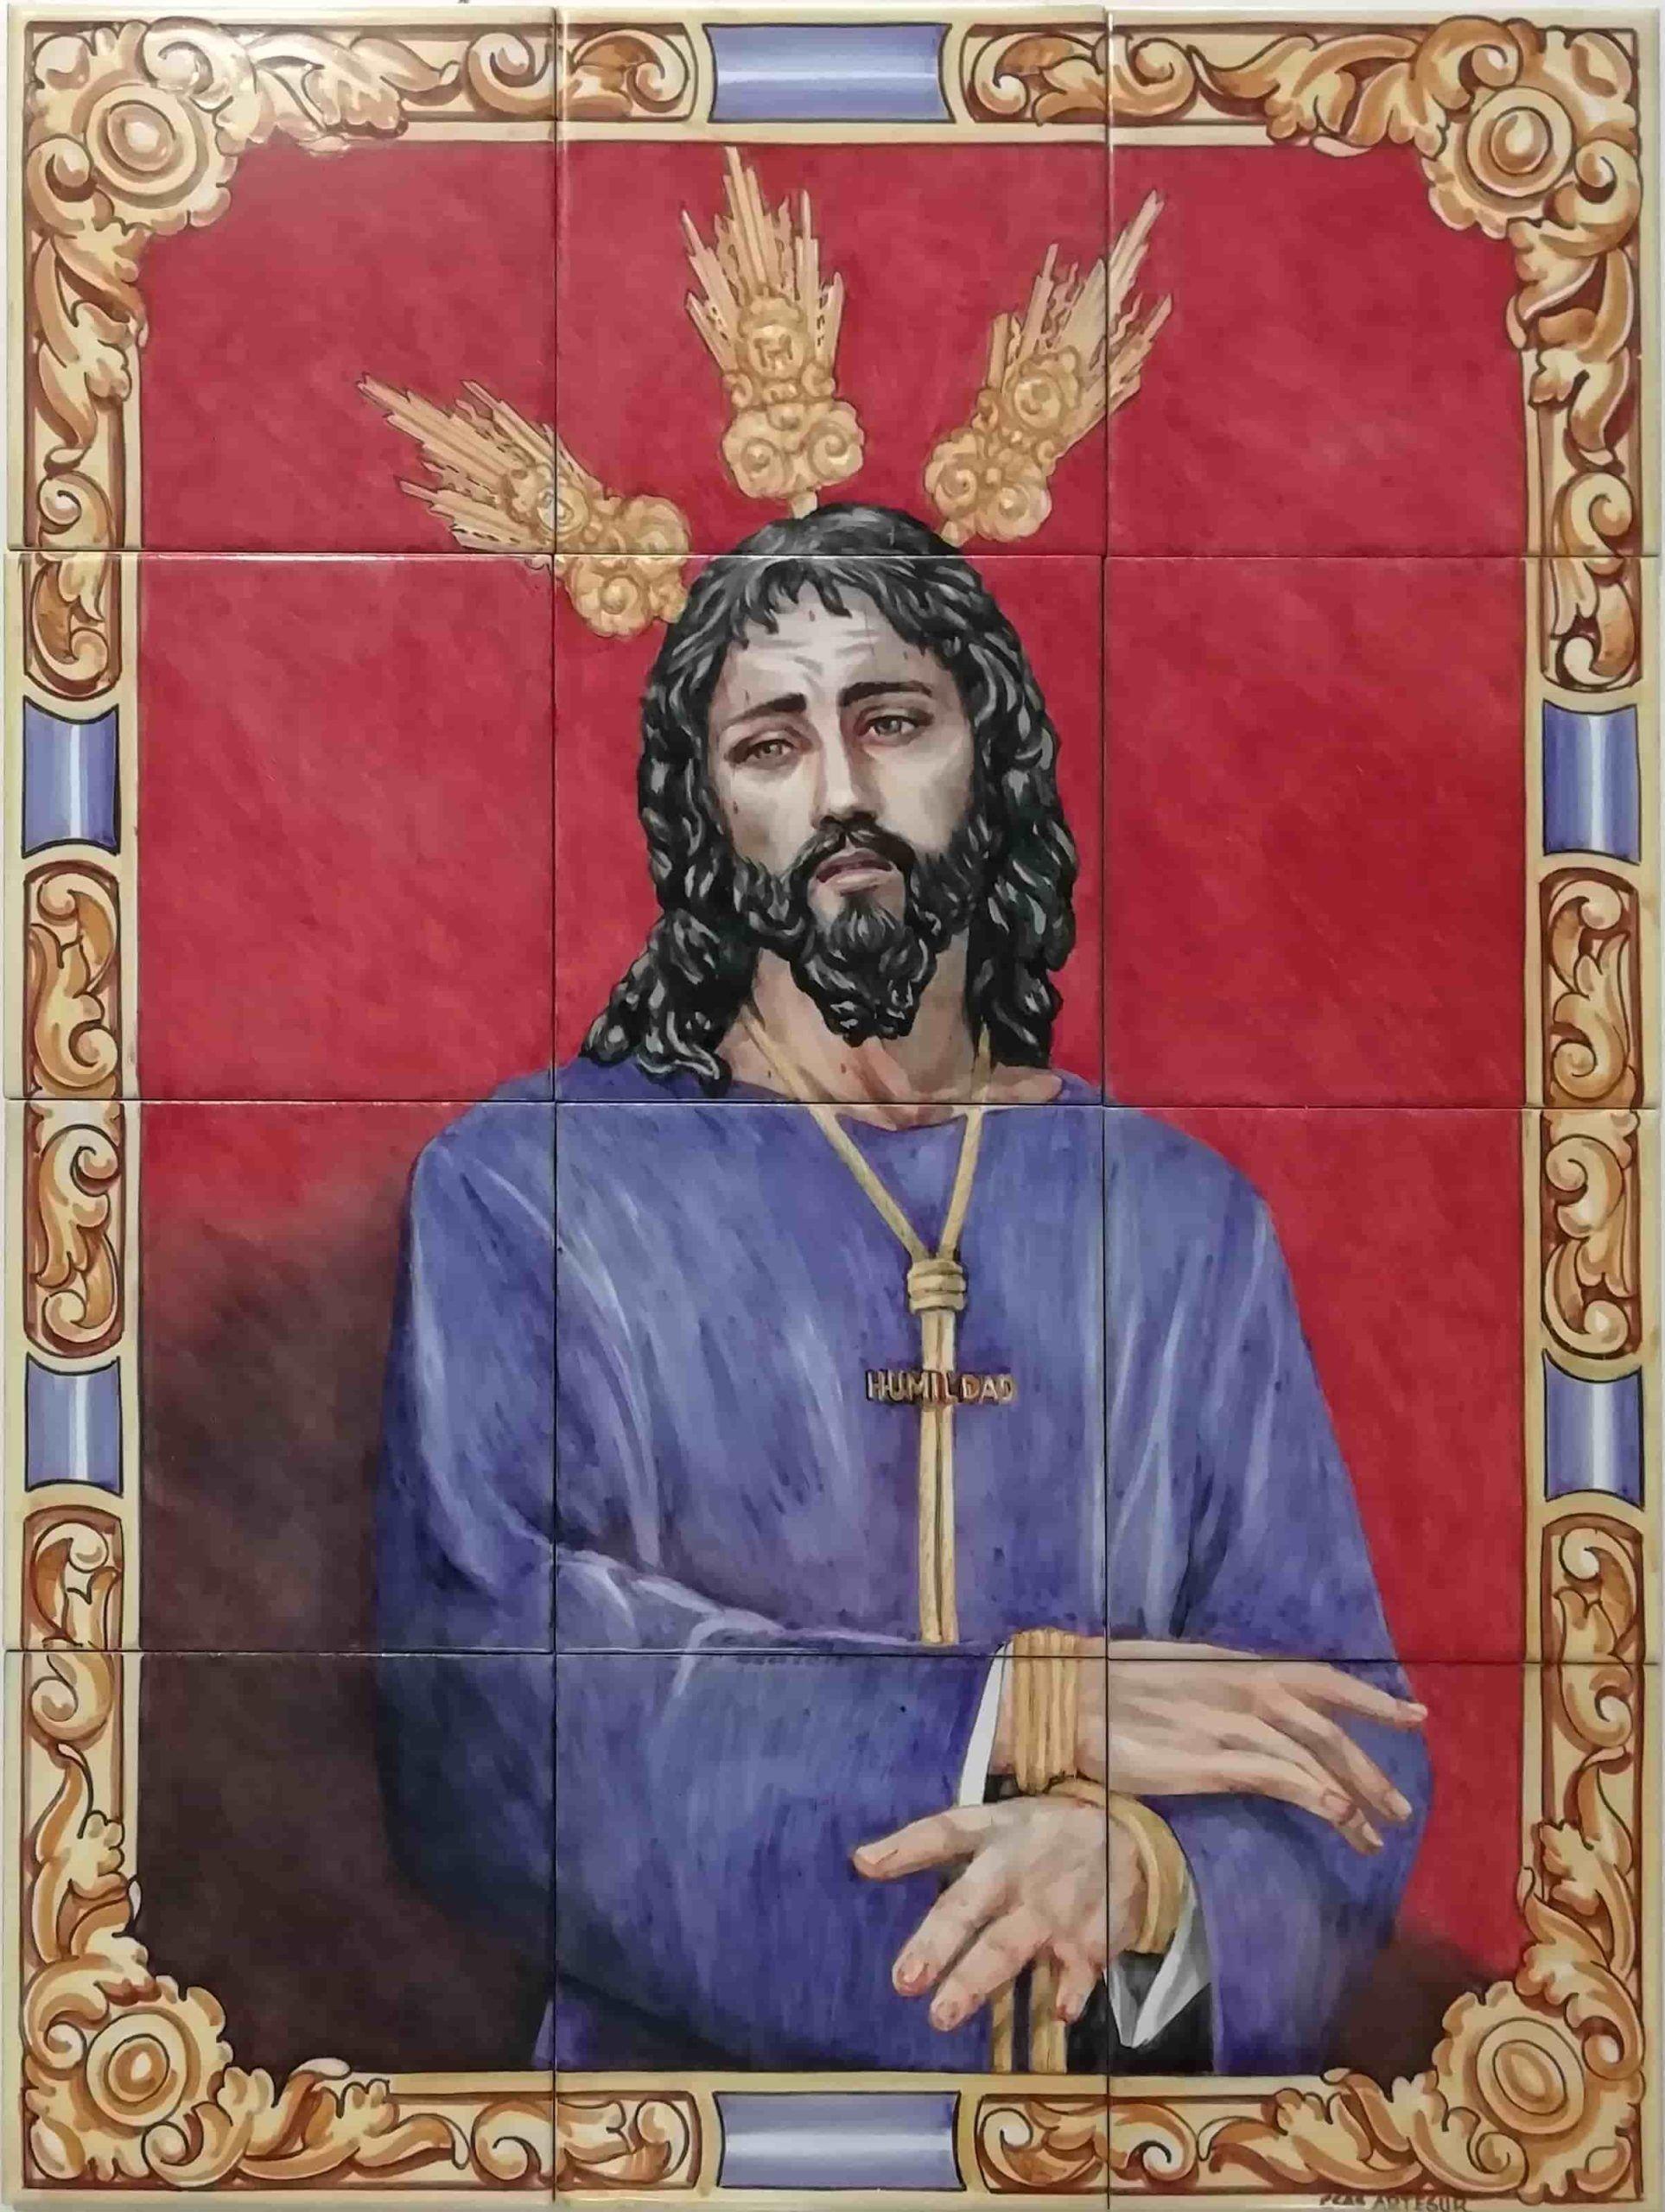 Azulejos artesanos pintados a mano en el estilo sevillano - Jesús de la Humildad-75573